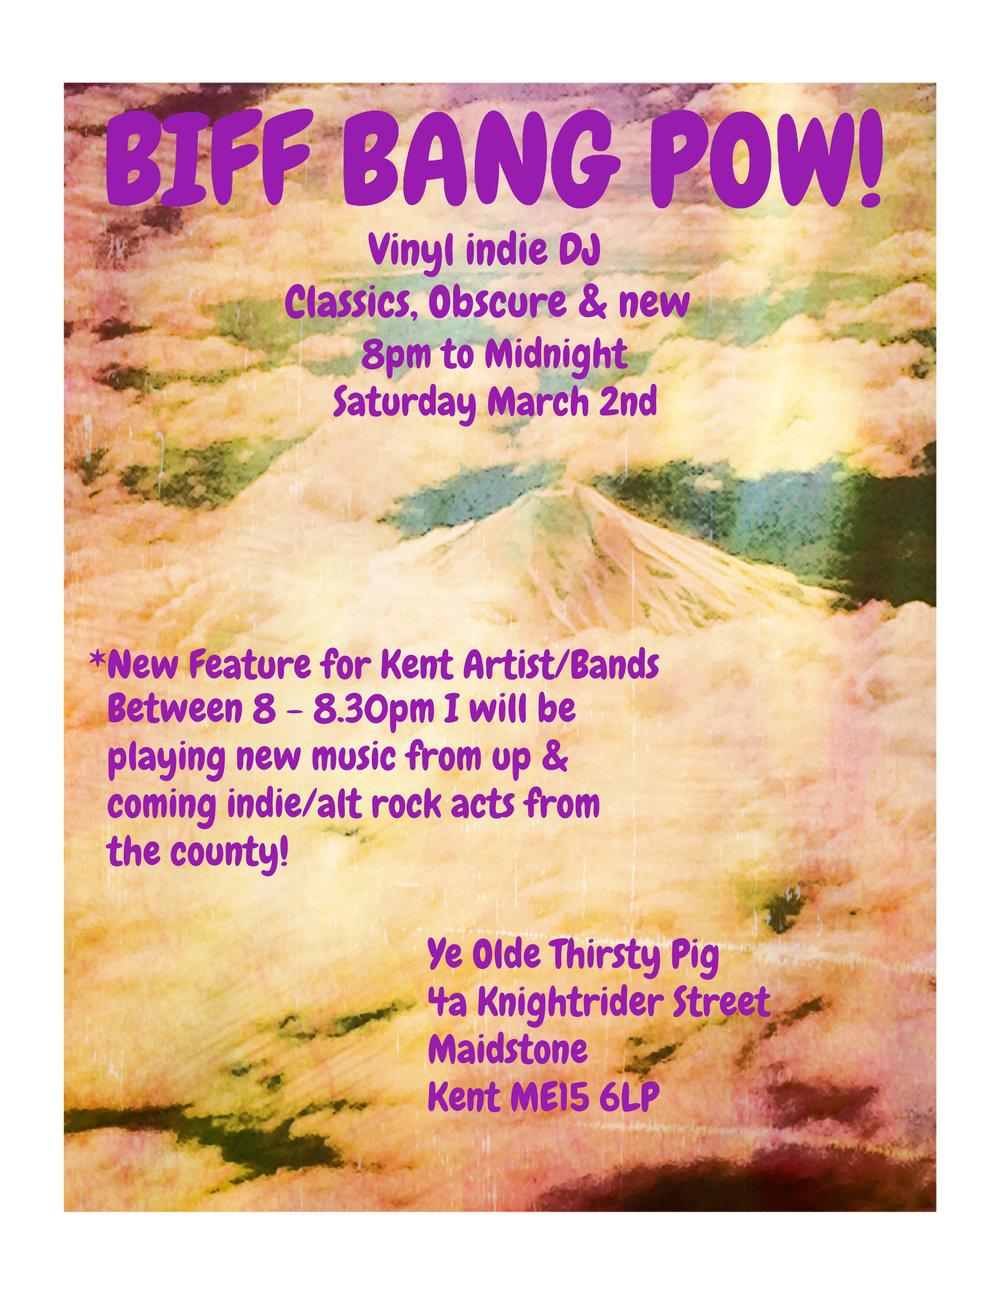 BBP Poster Mar 2nd.jpg